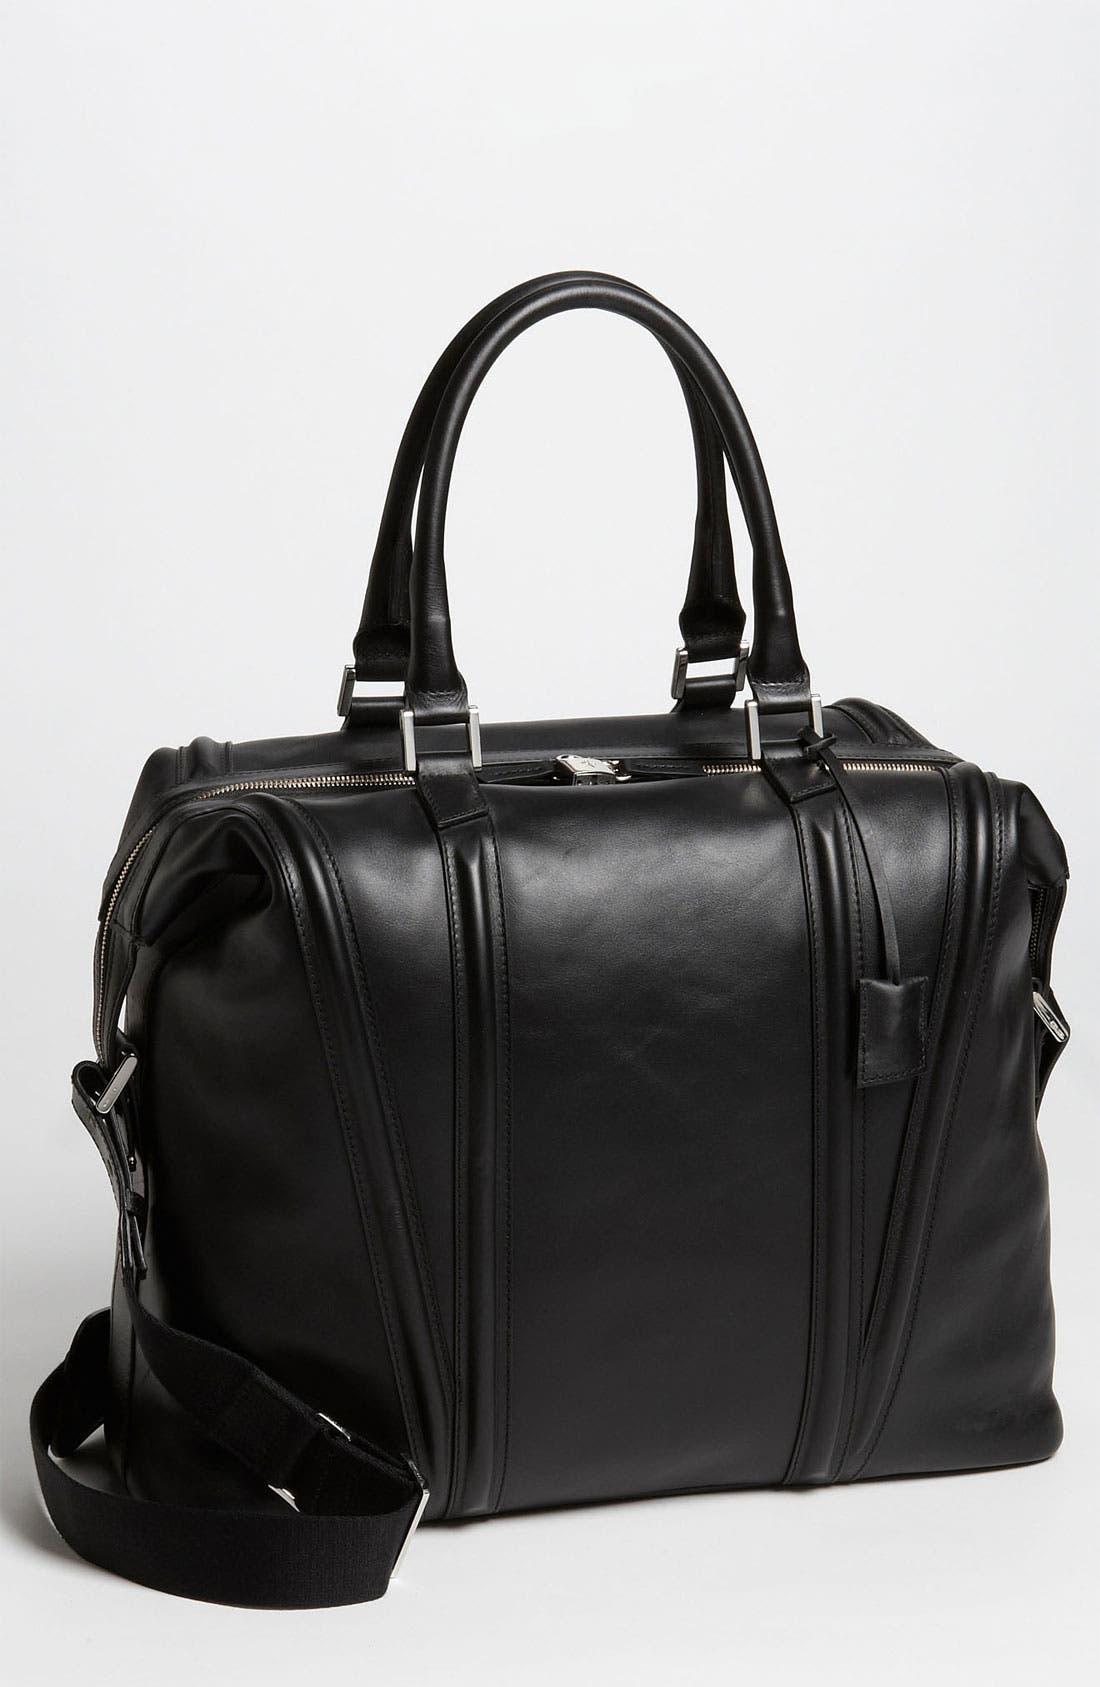 Main Image - WANT Les Essentiels de la Vie 'Charleroi' 48 Hour Travel Bag